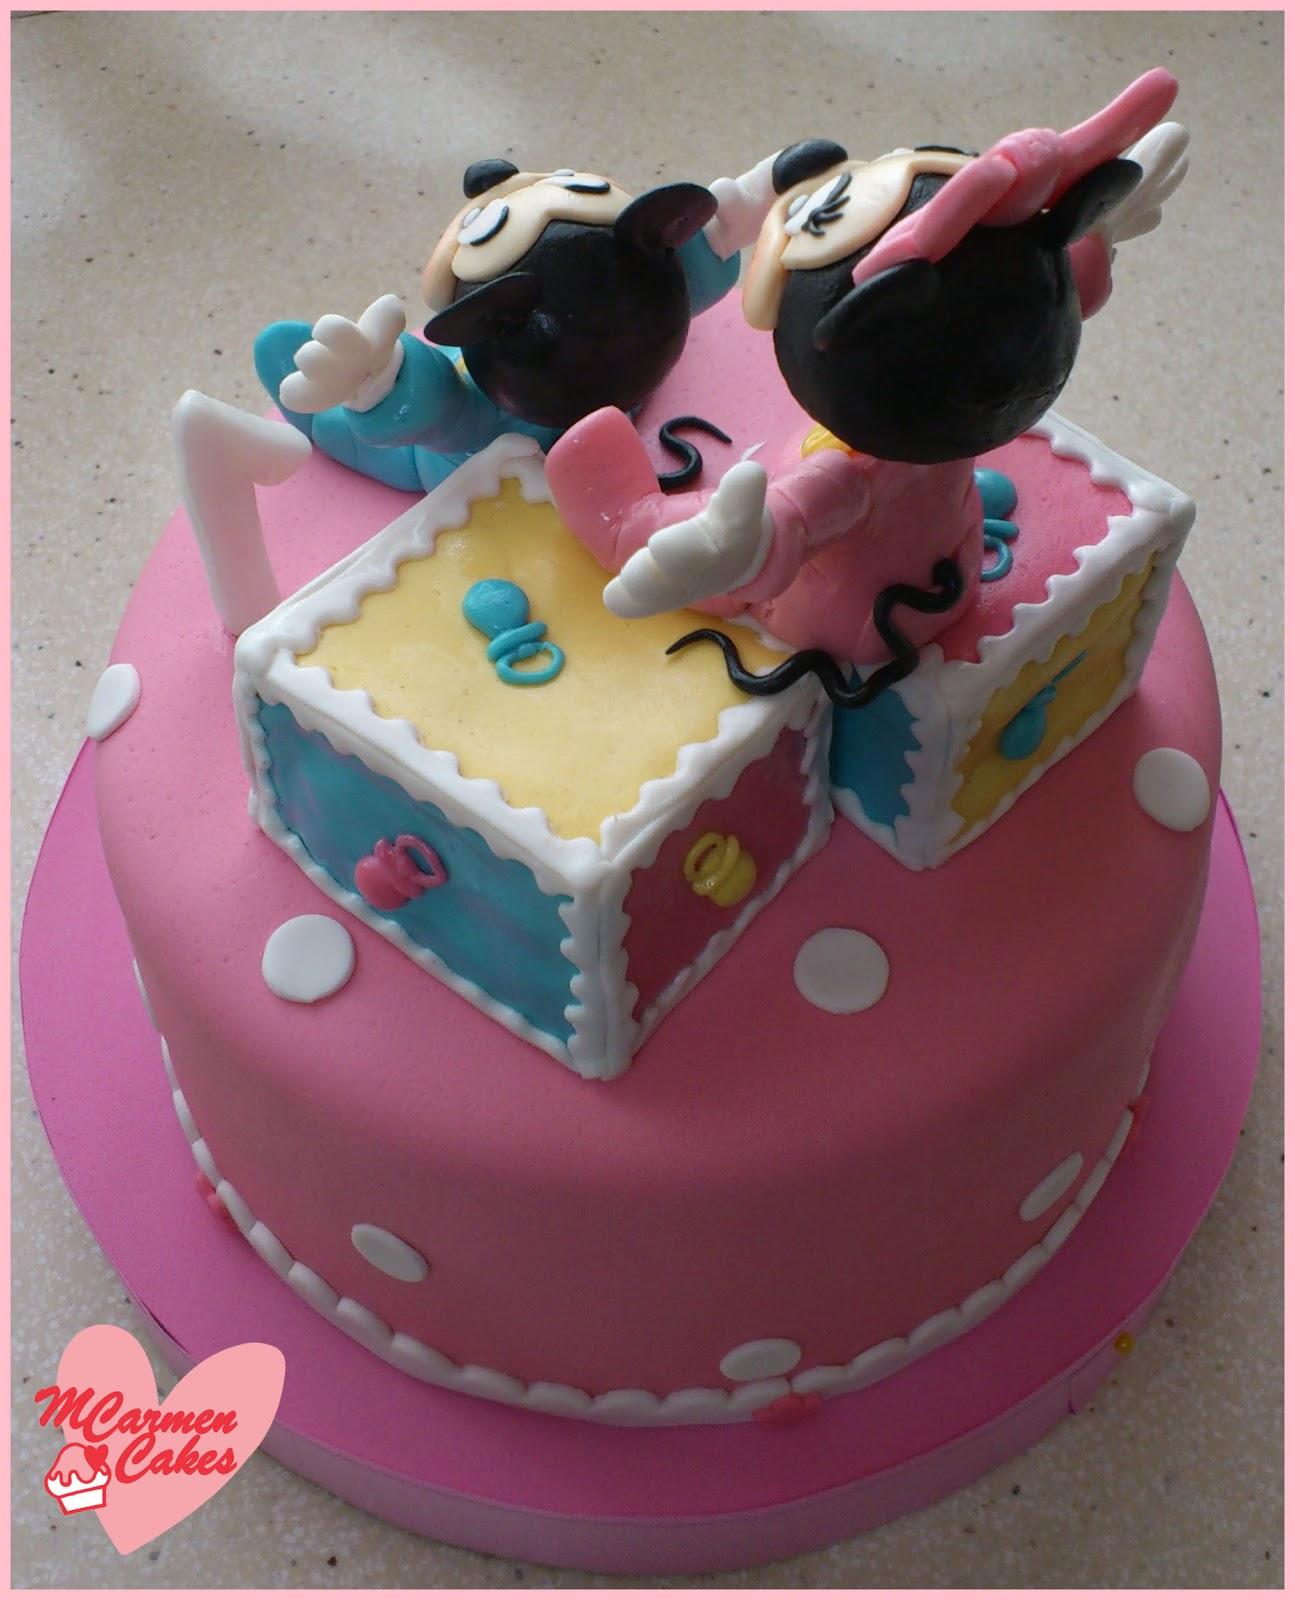 http://1.bp.blogspot.com/-sSLr_F7bpoU/UOWvLu0n6NI/AAAAAAAACJg/cKBOwKhdowk/s1600/Mini+Tarta+Mickey&Minnie+Baby+(4)+copia.jpg